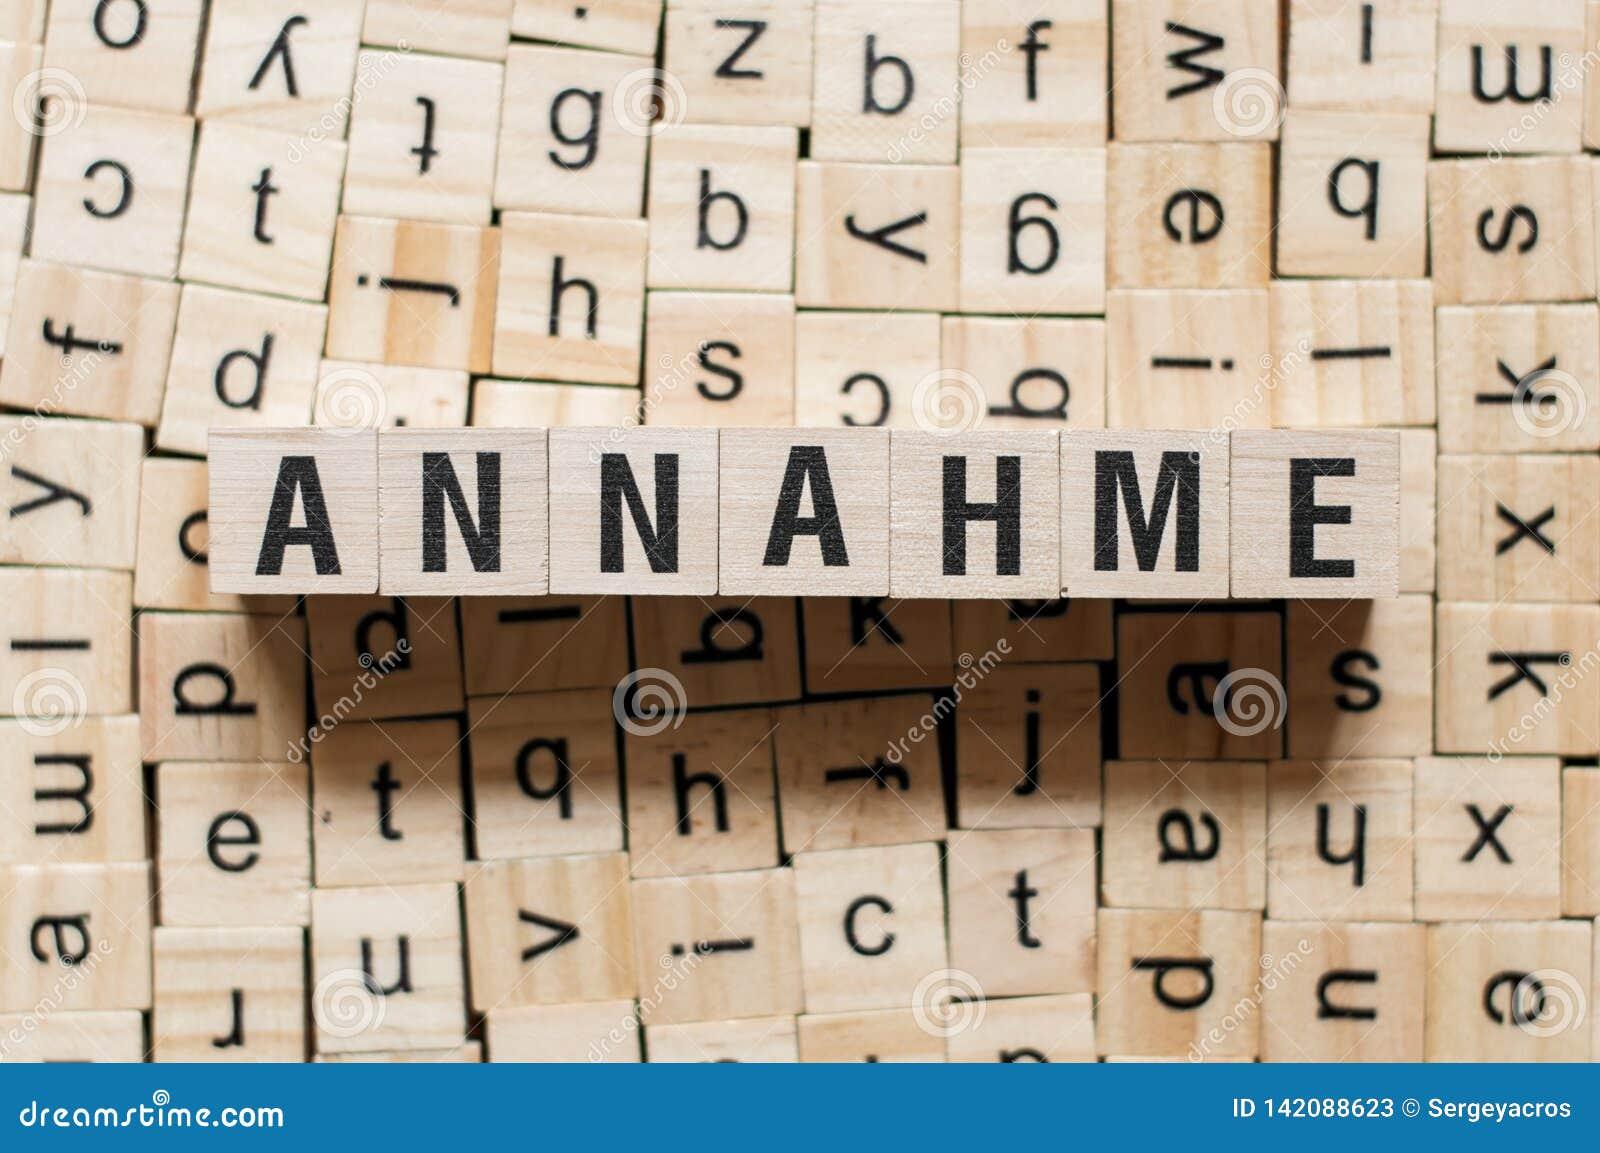 Annahme - ordadoption på tyskt språk, ordbegrepp